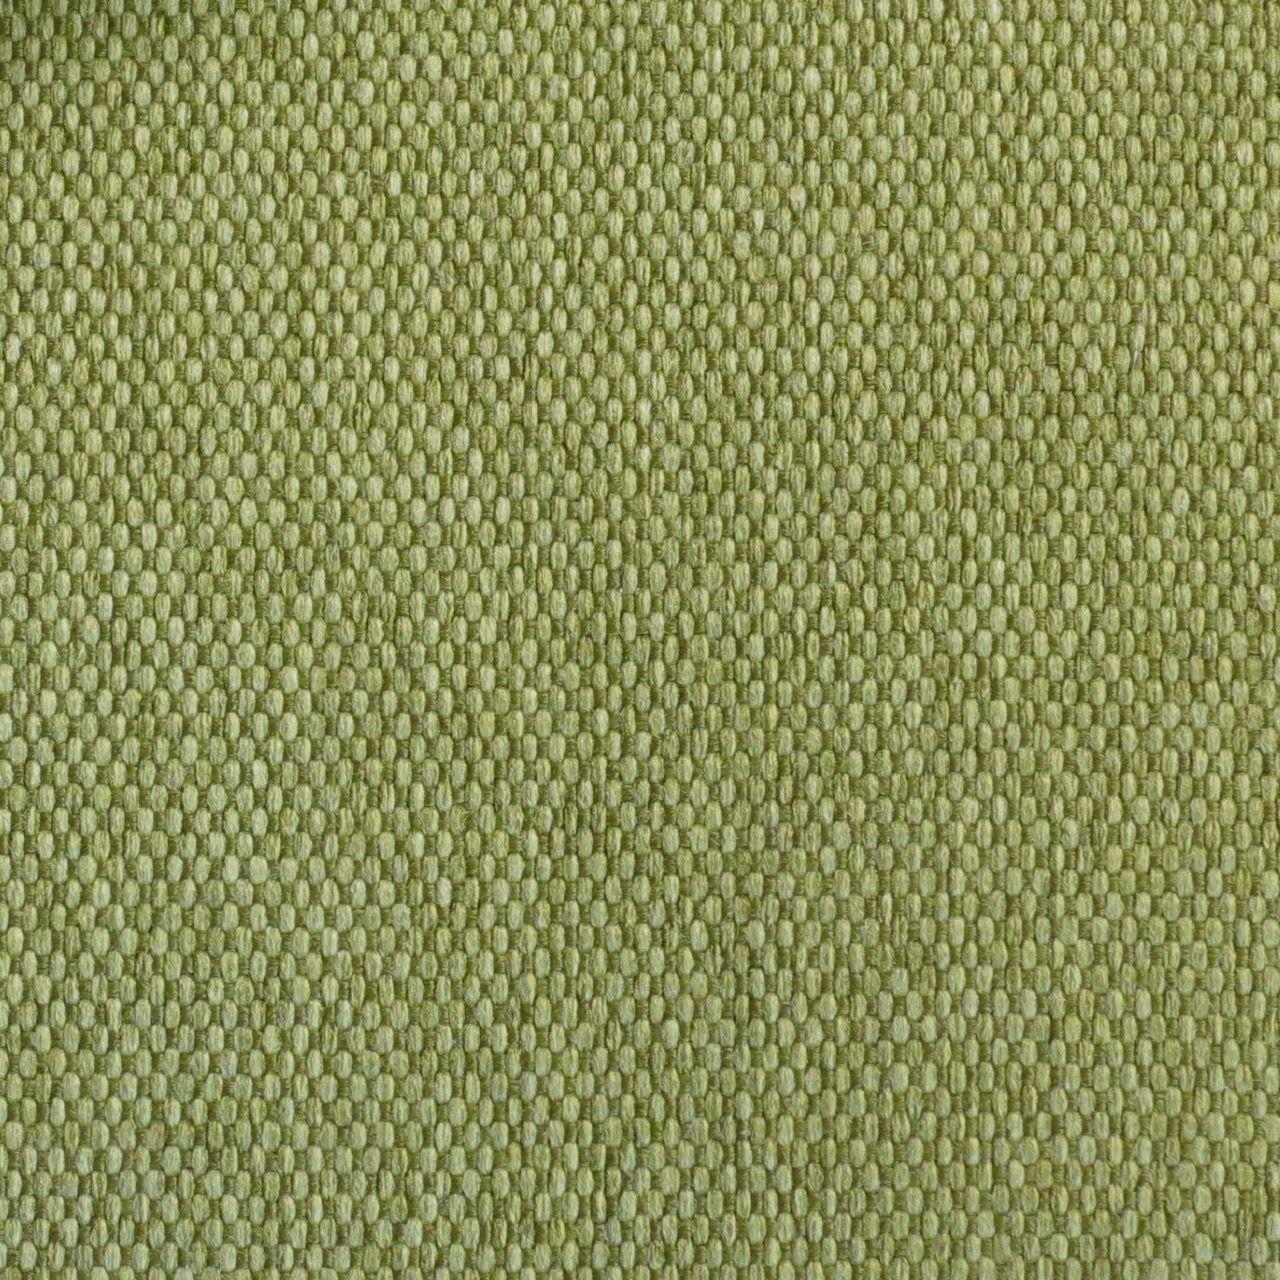 Hendon Plain Linen